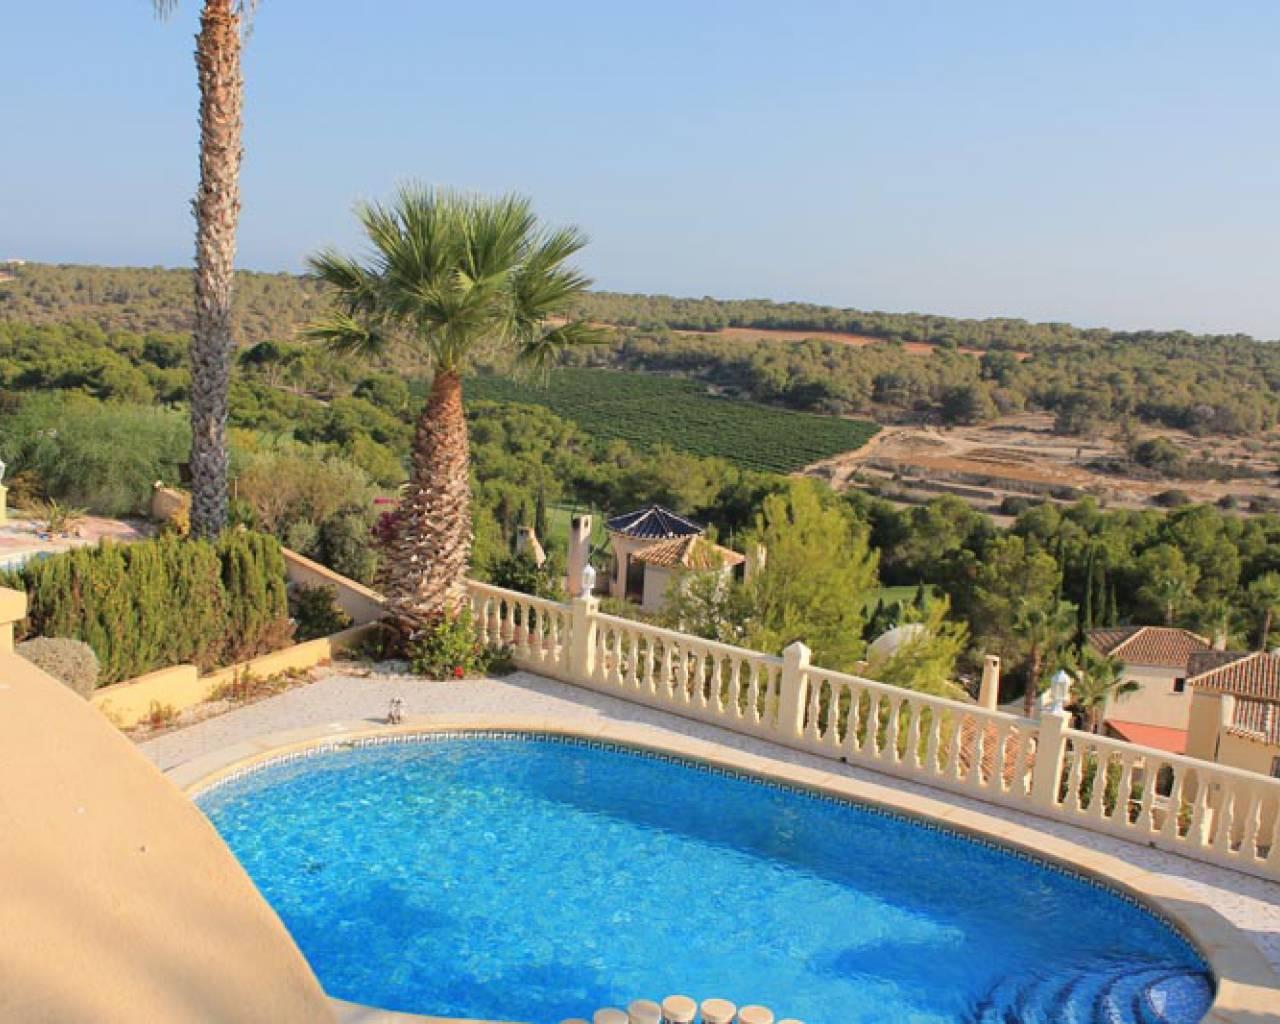 herverkoop-vrijstaande-villa-orihuela-costa-las-ramblas-golf_1337_xl